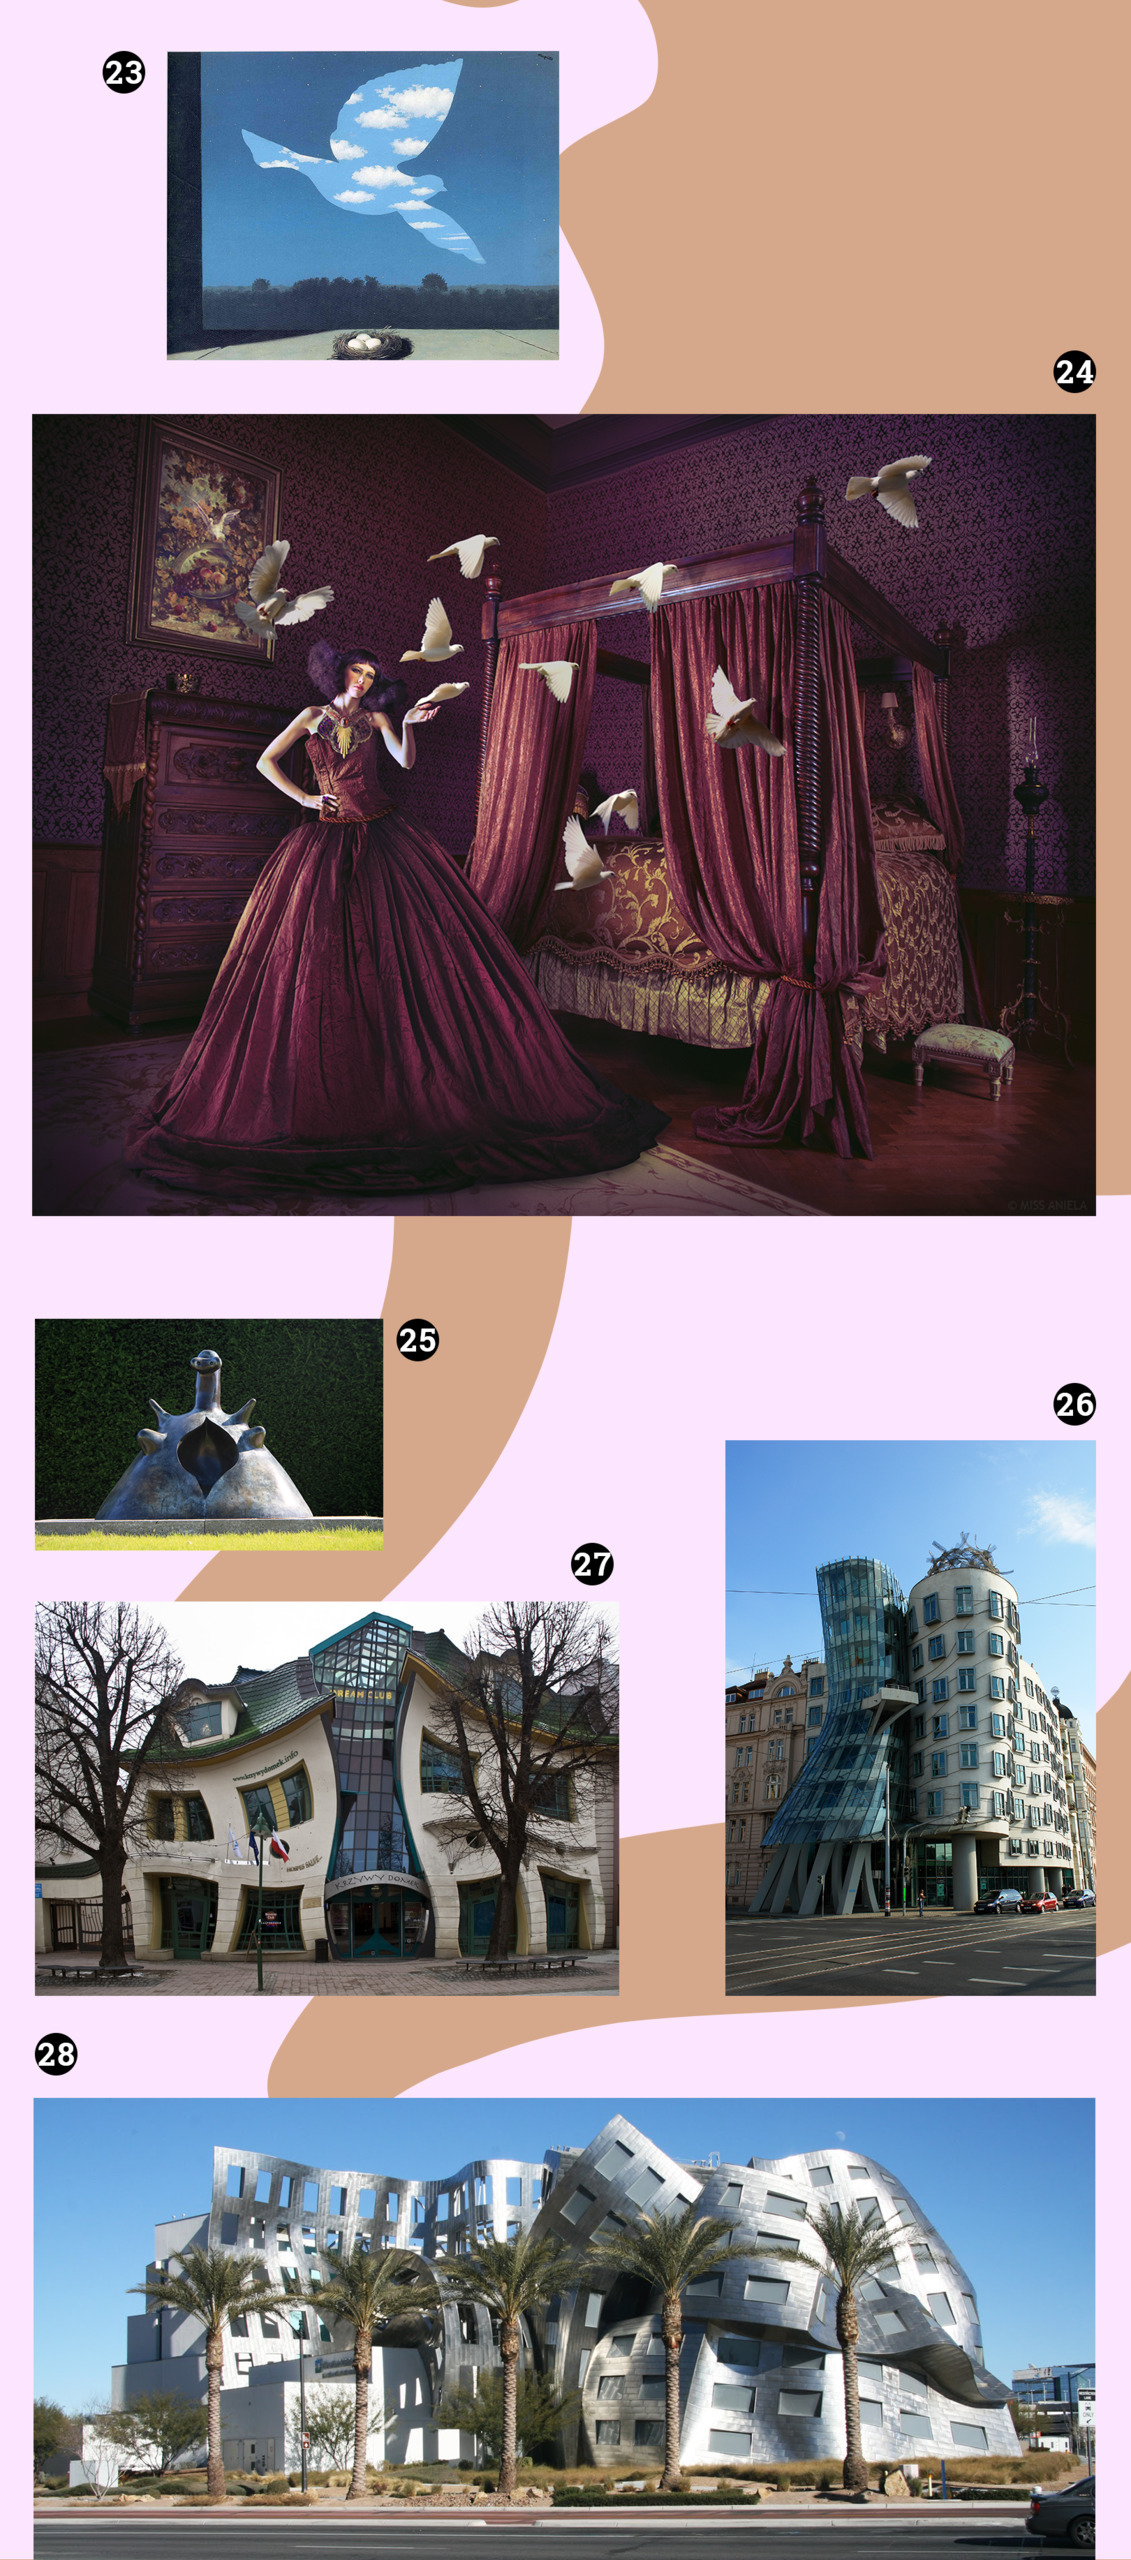 Obraz przedstawia różne zdjęcia na blado-różowym tle. Widzimy zdjęcia różnych budynków, fotografię, obraz z gołębiem.